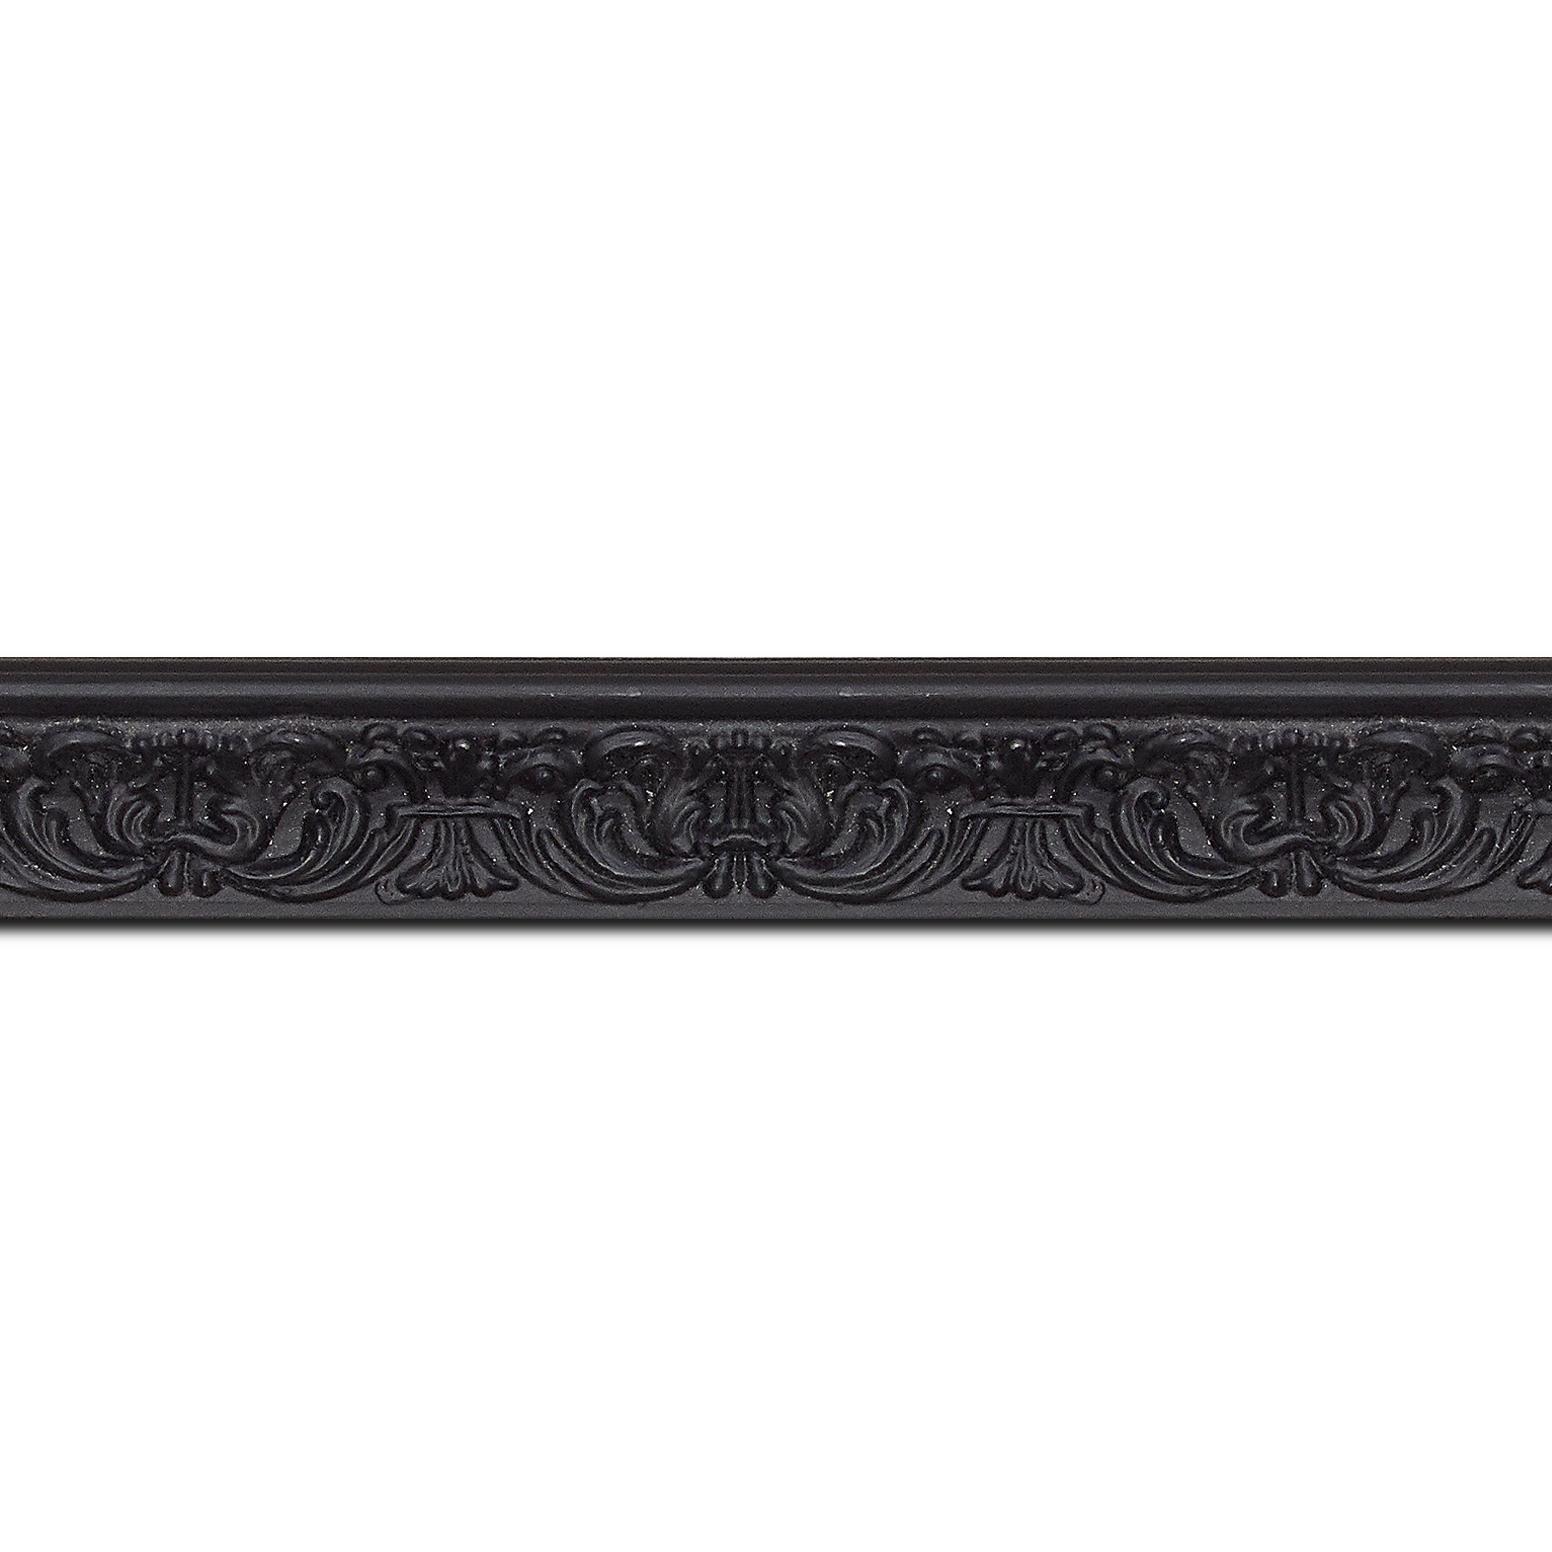 Pack par 12m, bois profil incurvé largeur 2.6cm couleur noir en relief sur fond noir (longueur baguette pouvant varier entre 2.40m et 3m selon arrivage des bois)